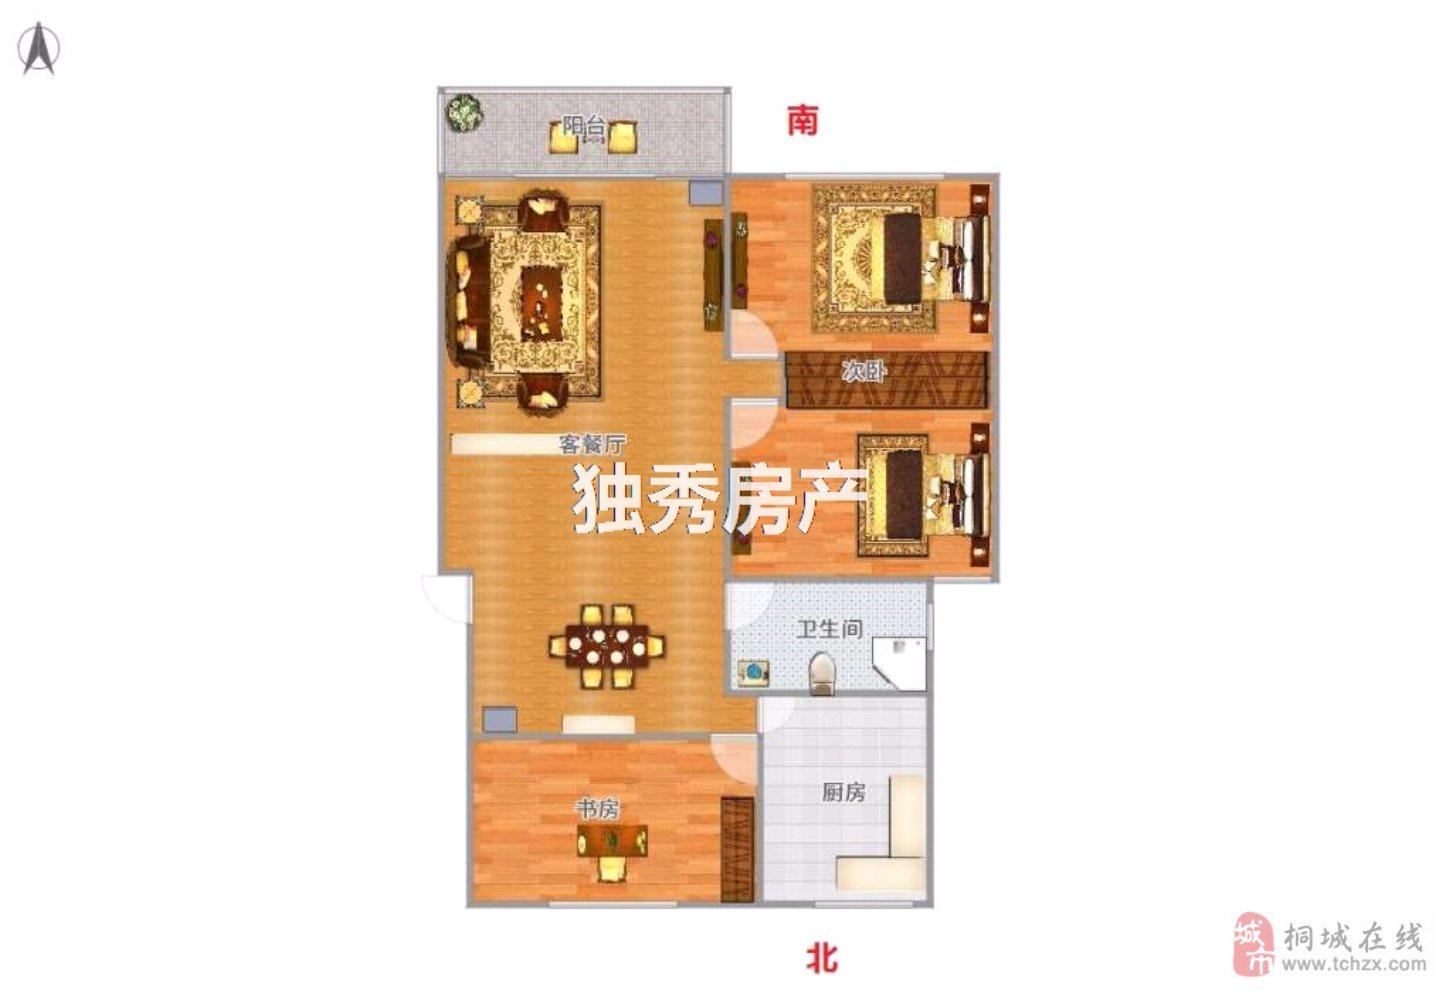 桐城市粮食局宿舍3室2厅1卫48万元